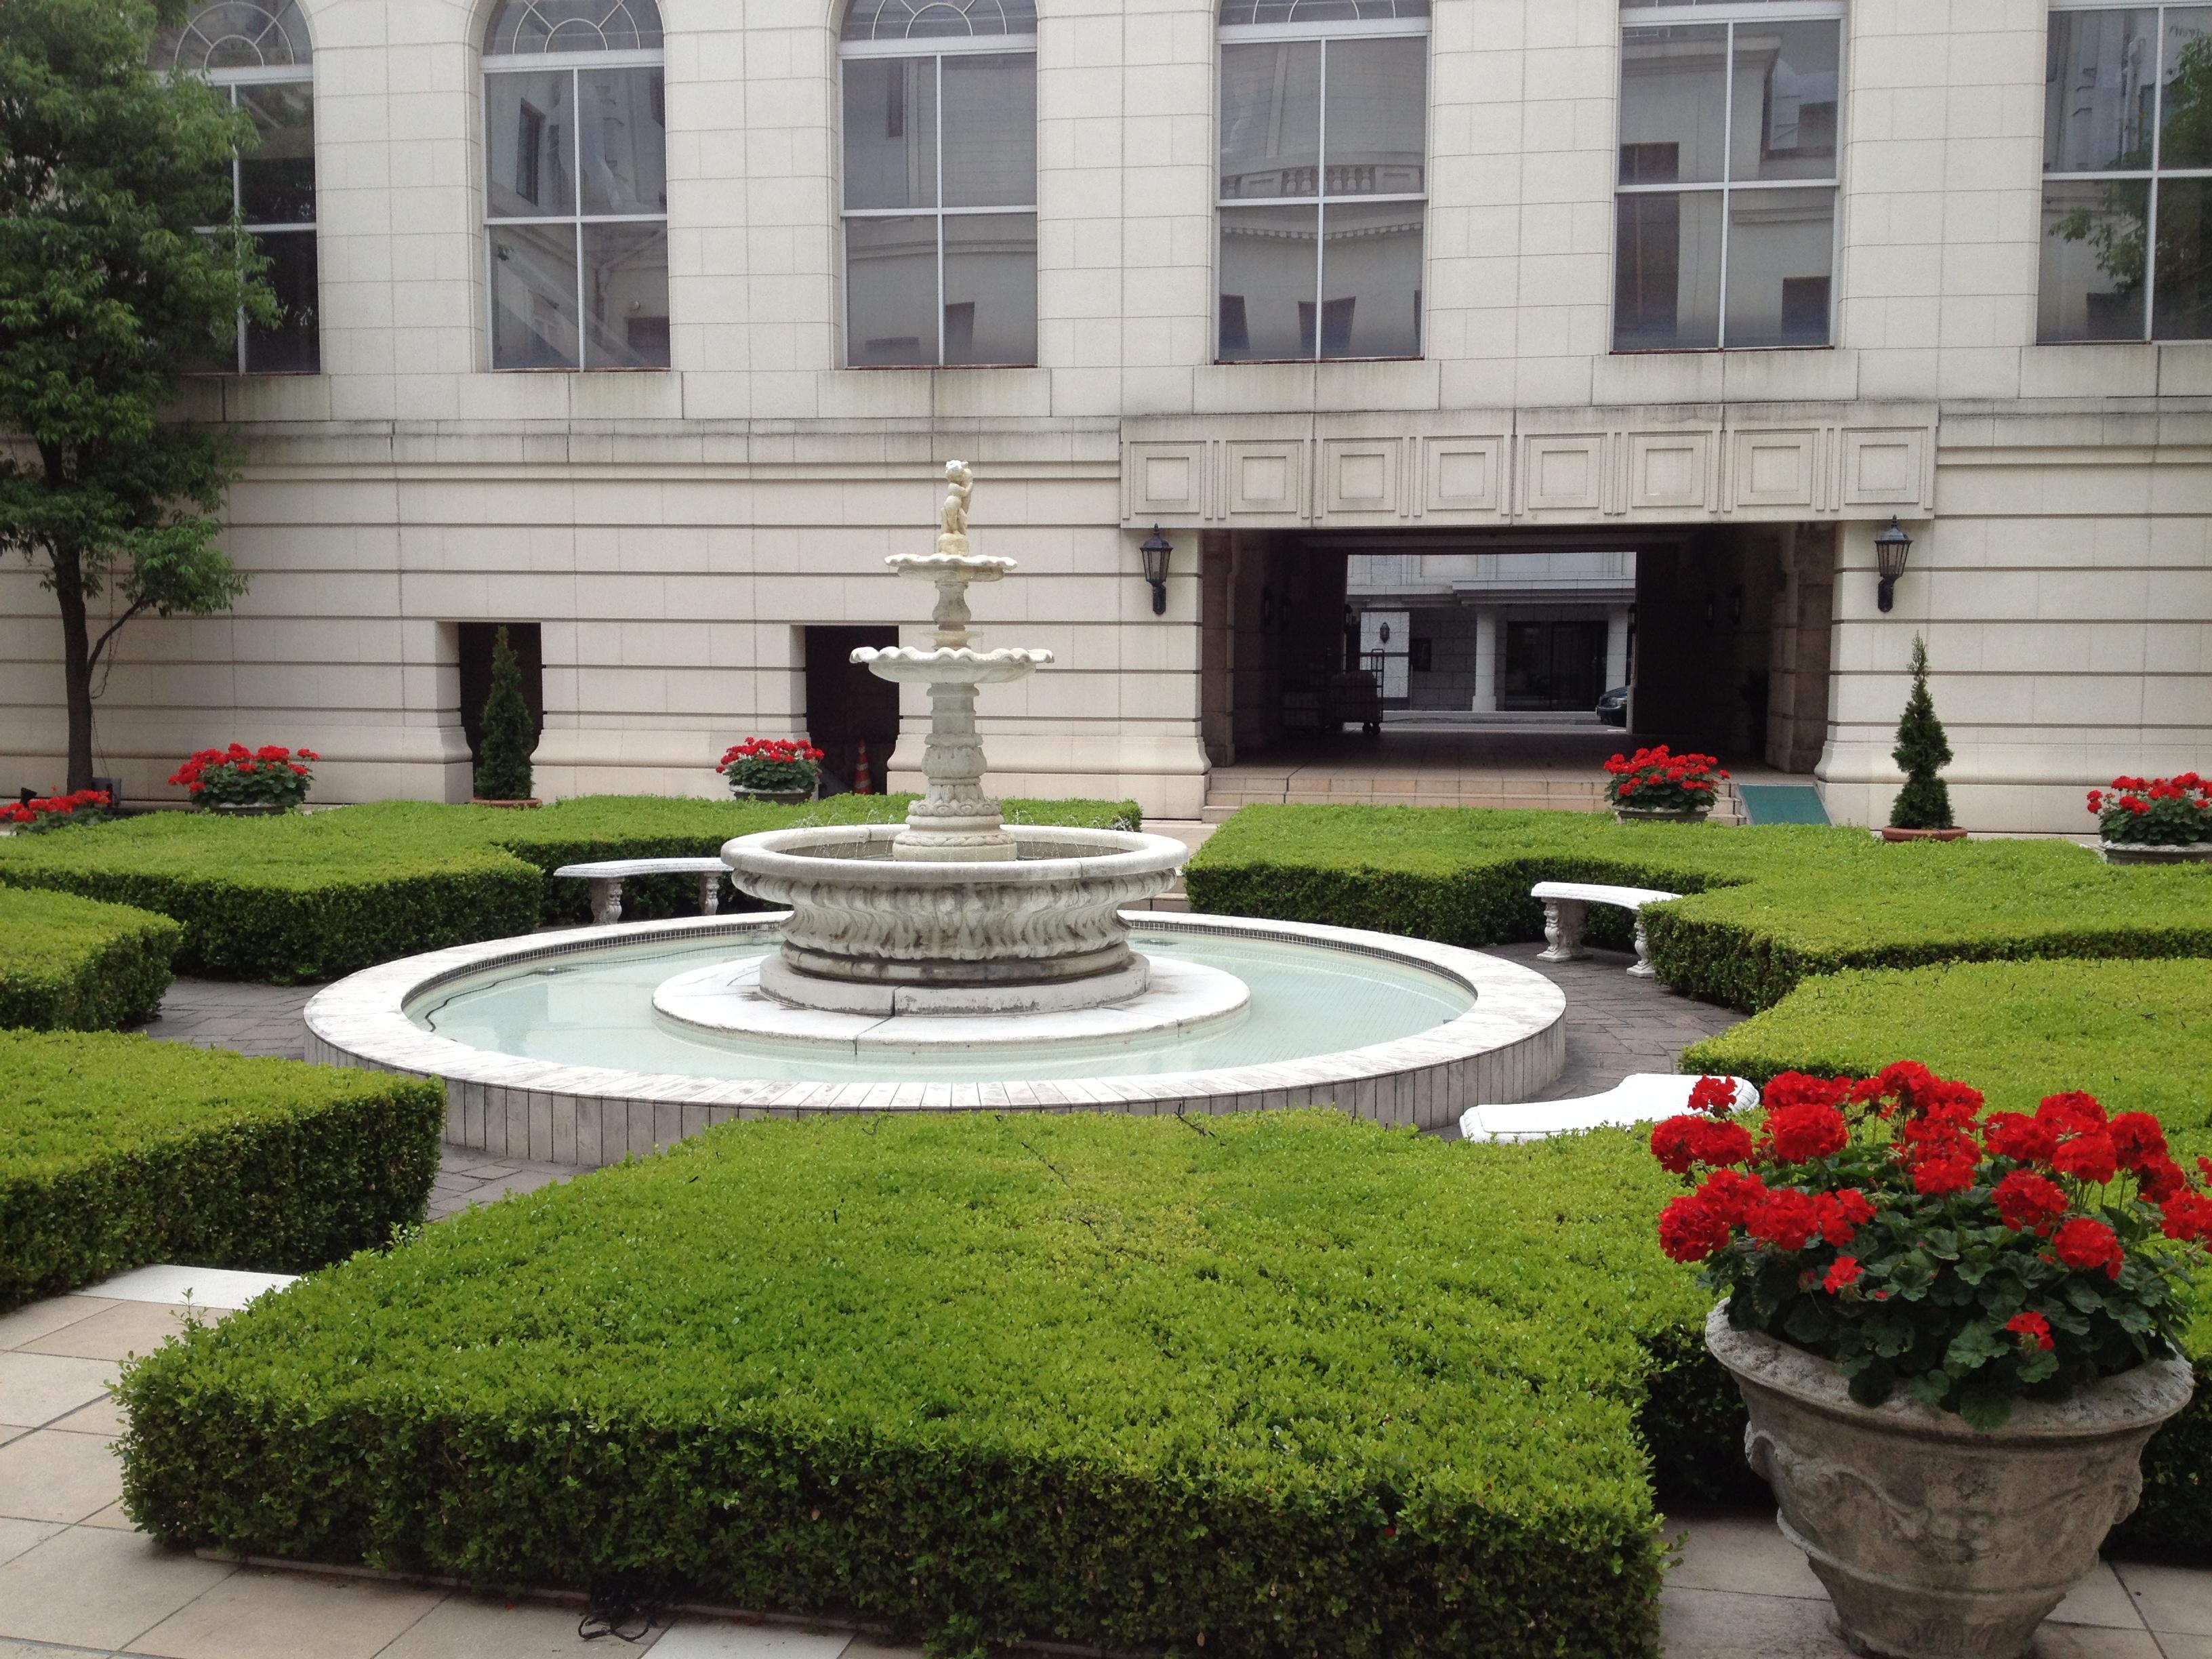 急遽泊まることになったニューグランドホテル中庭。美しい